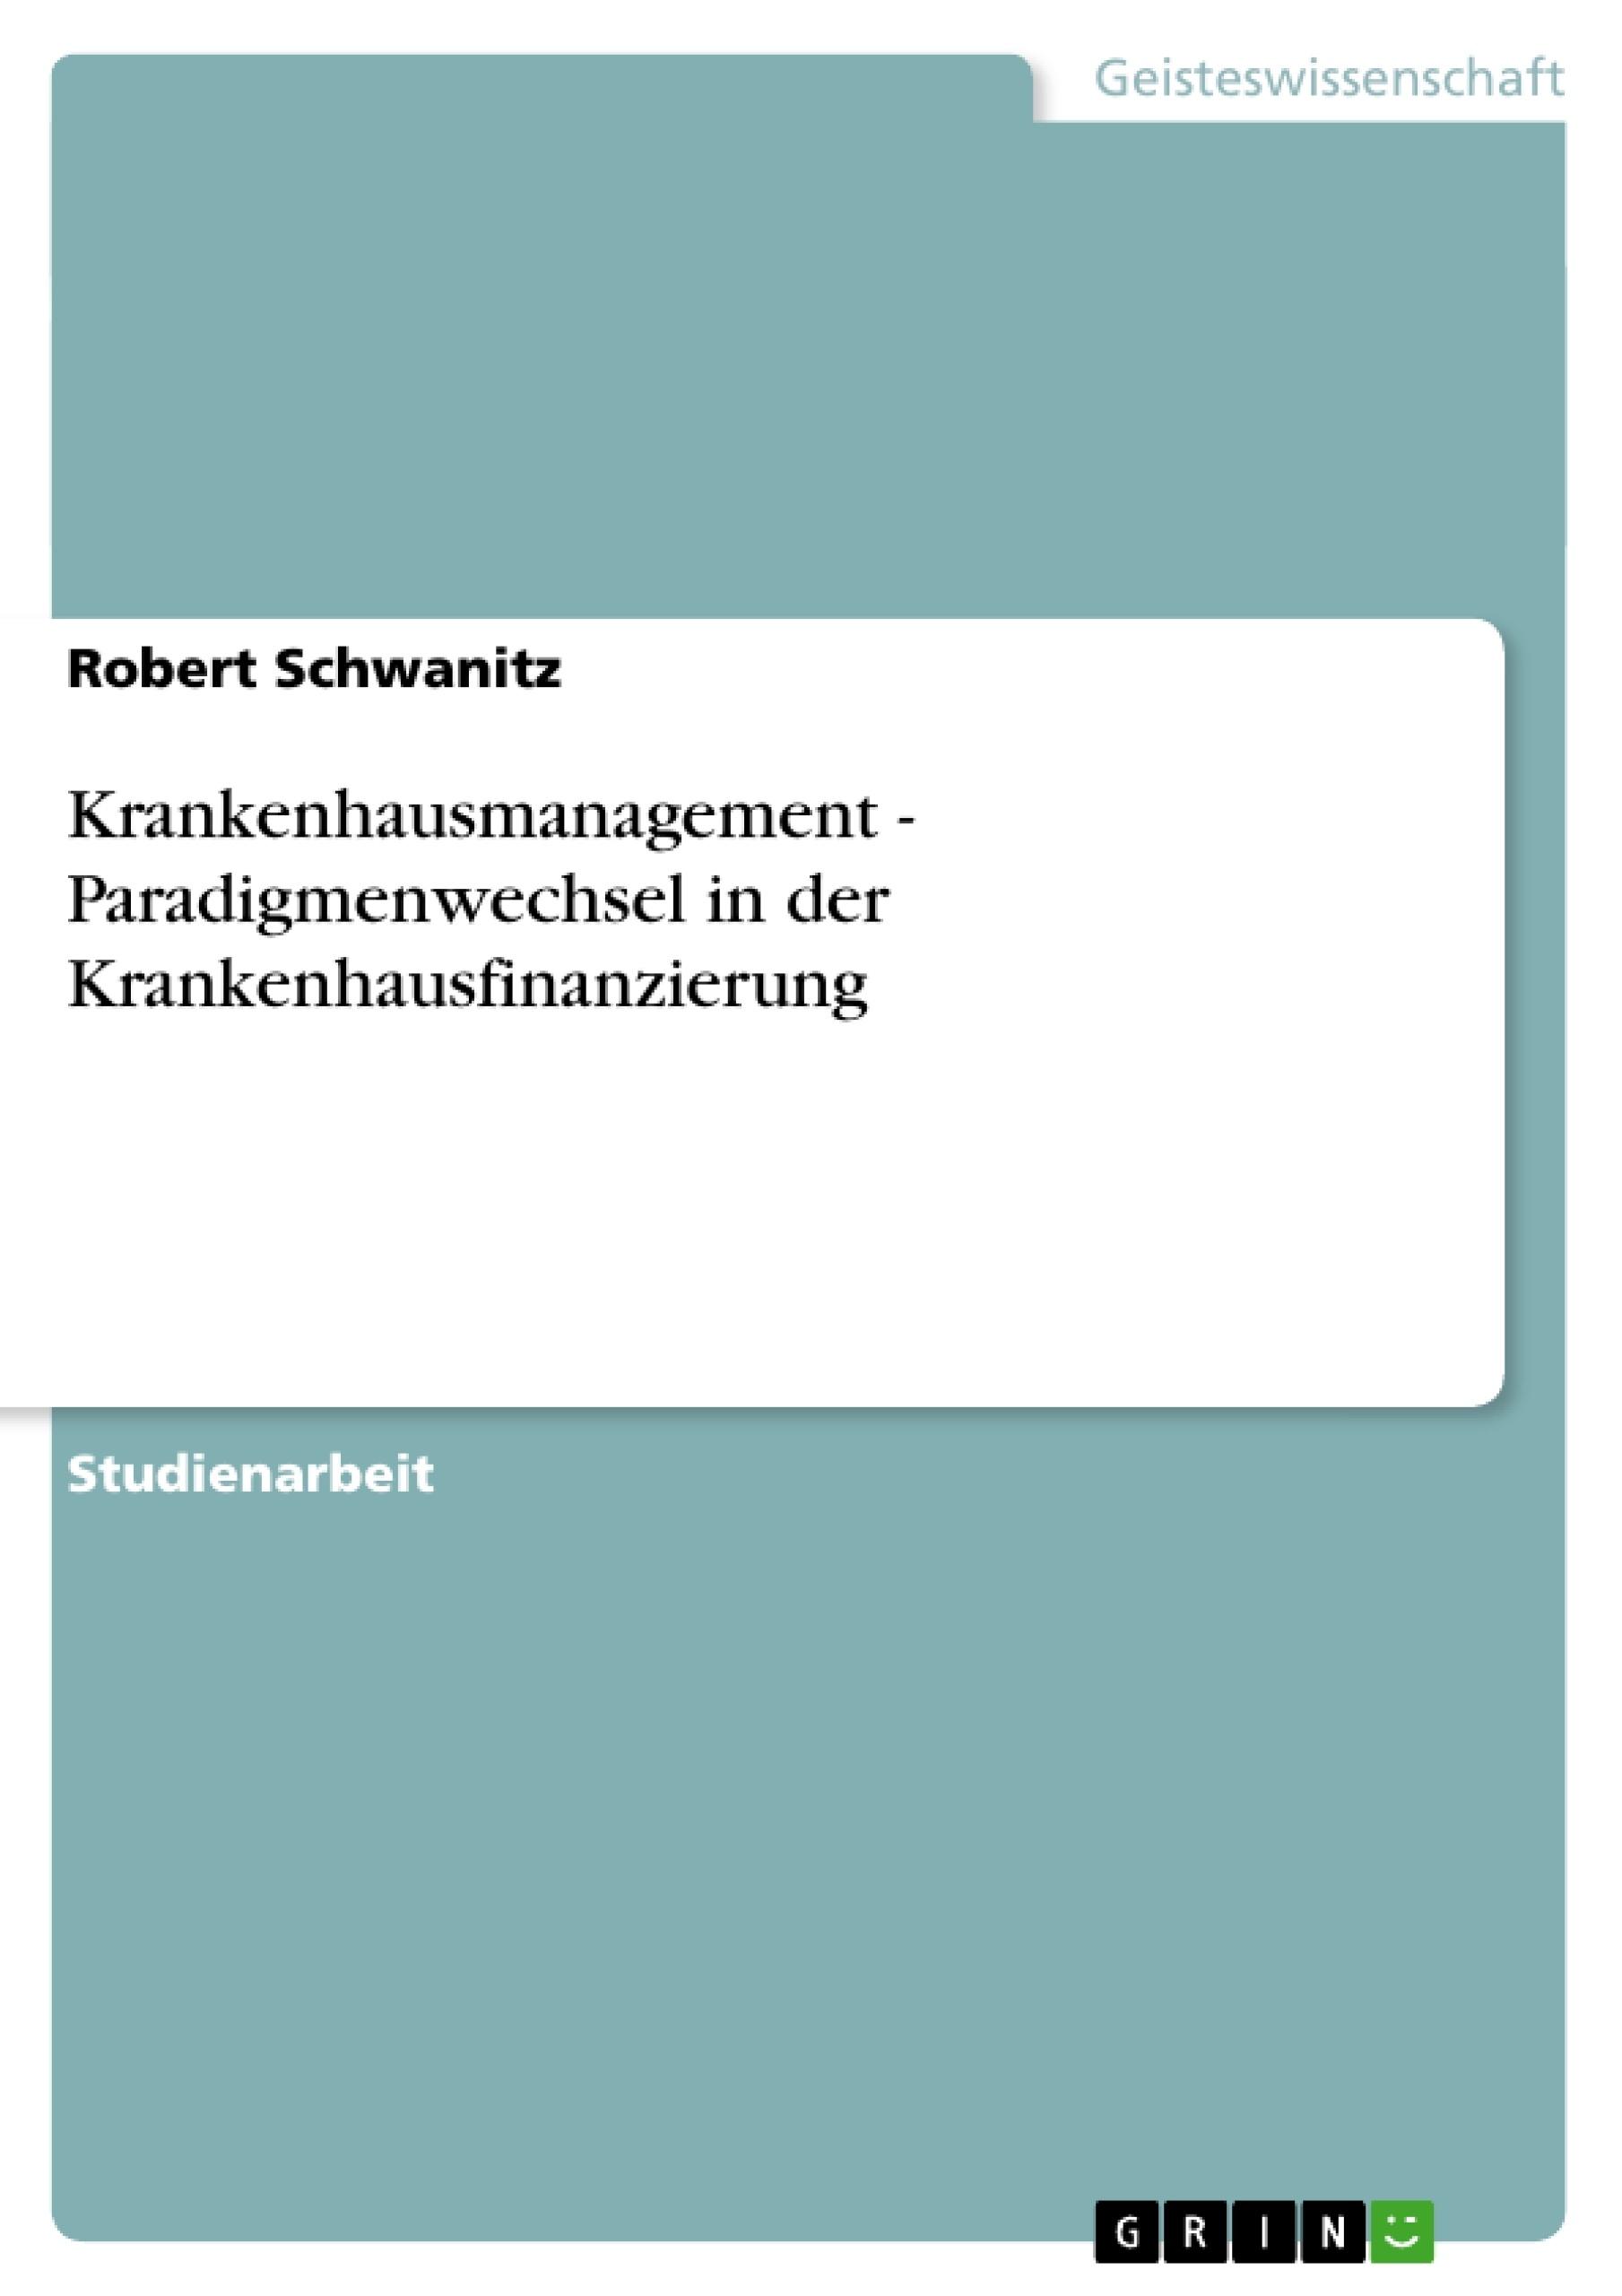 Titel: Krankenhausmanagement - Paradigmenwechsel in der Krankenhausfinanzierung